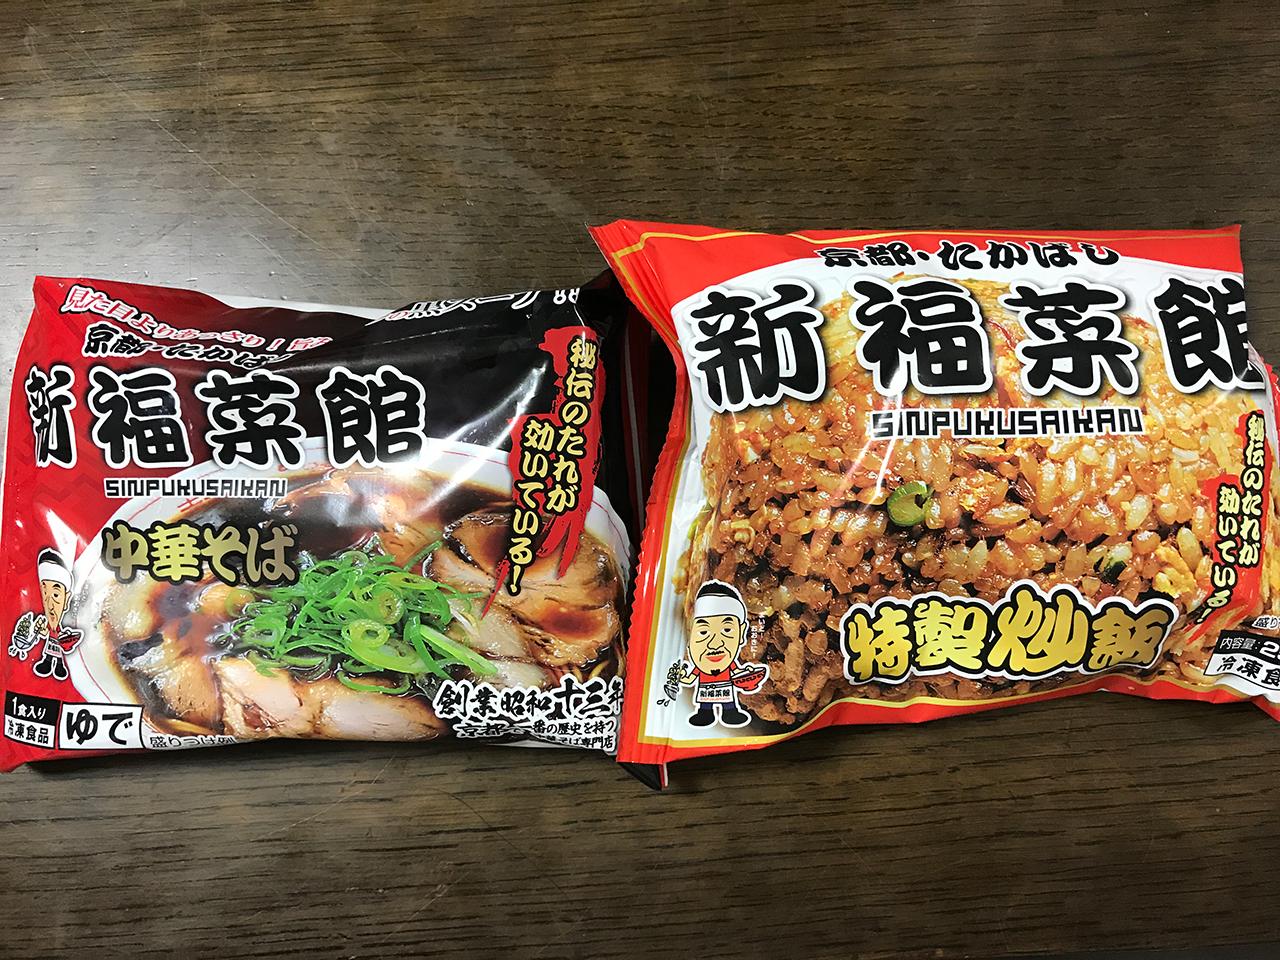 京都たかばし 新福菜館 中華セット